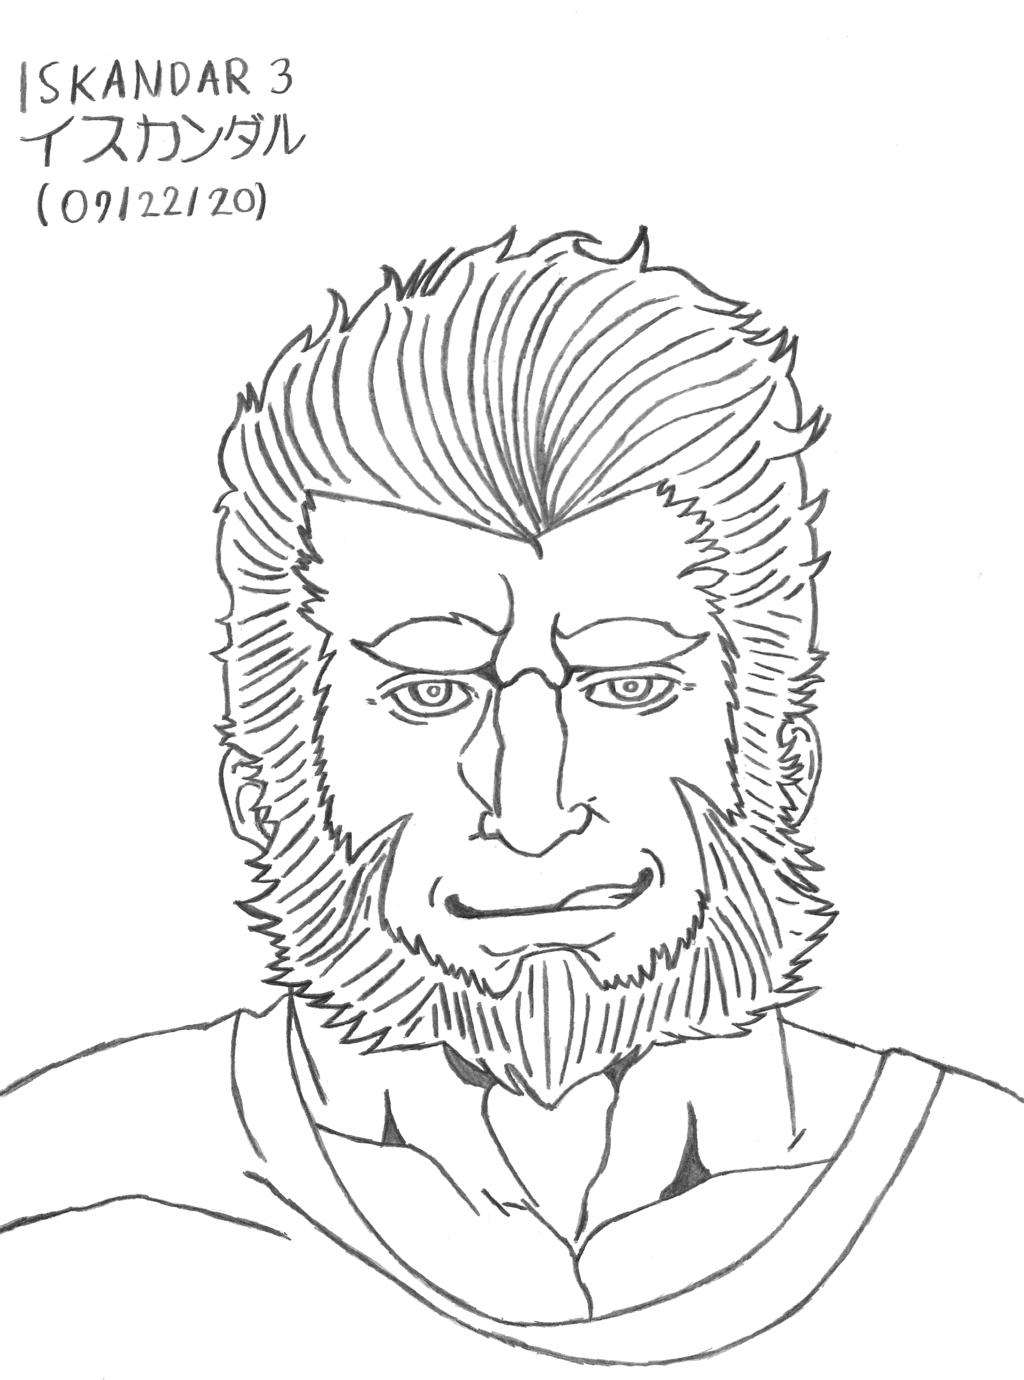 Iskandar 3